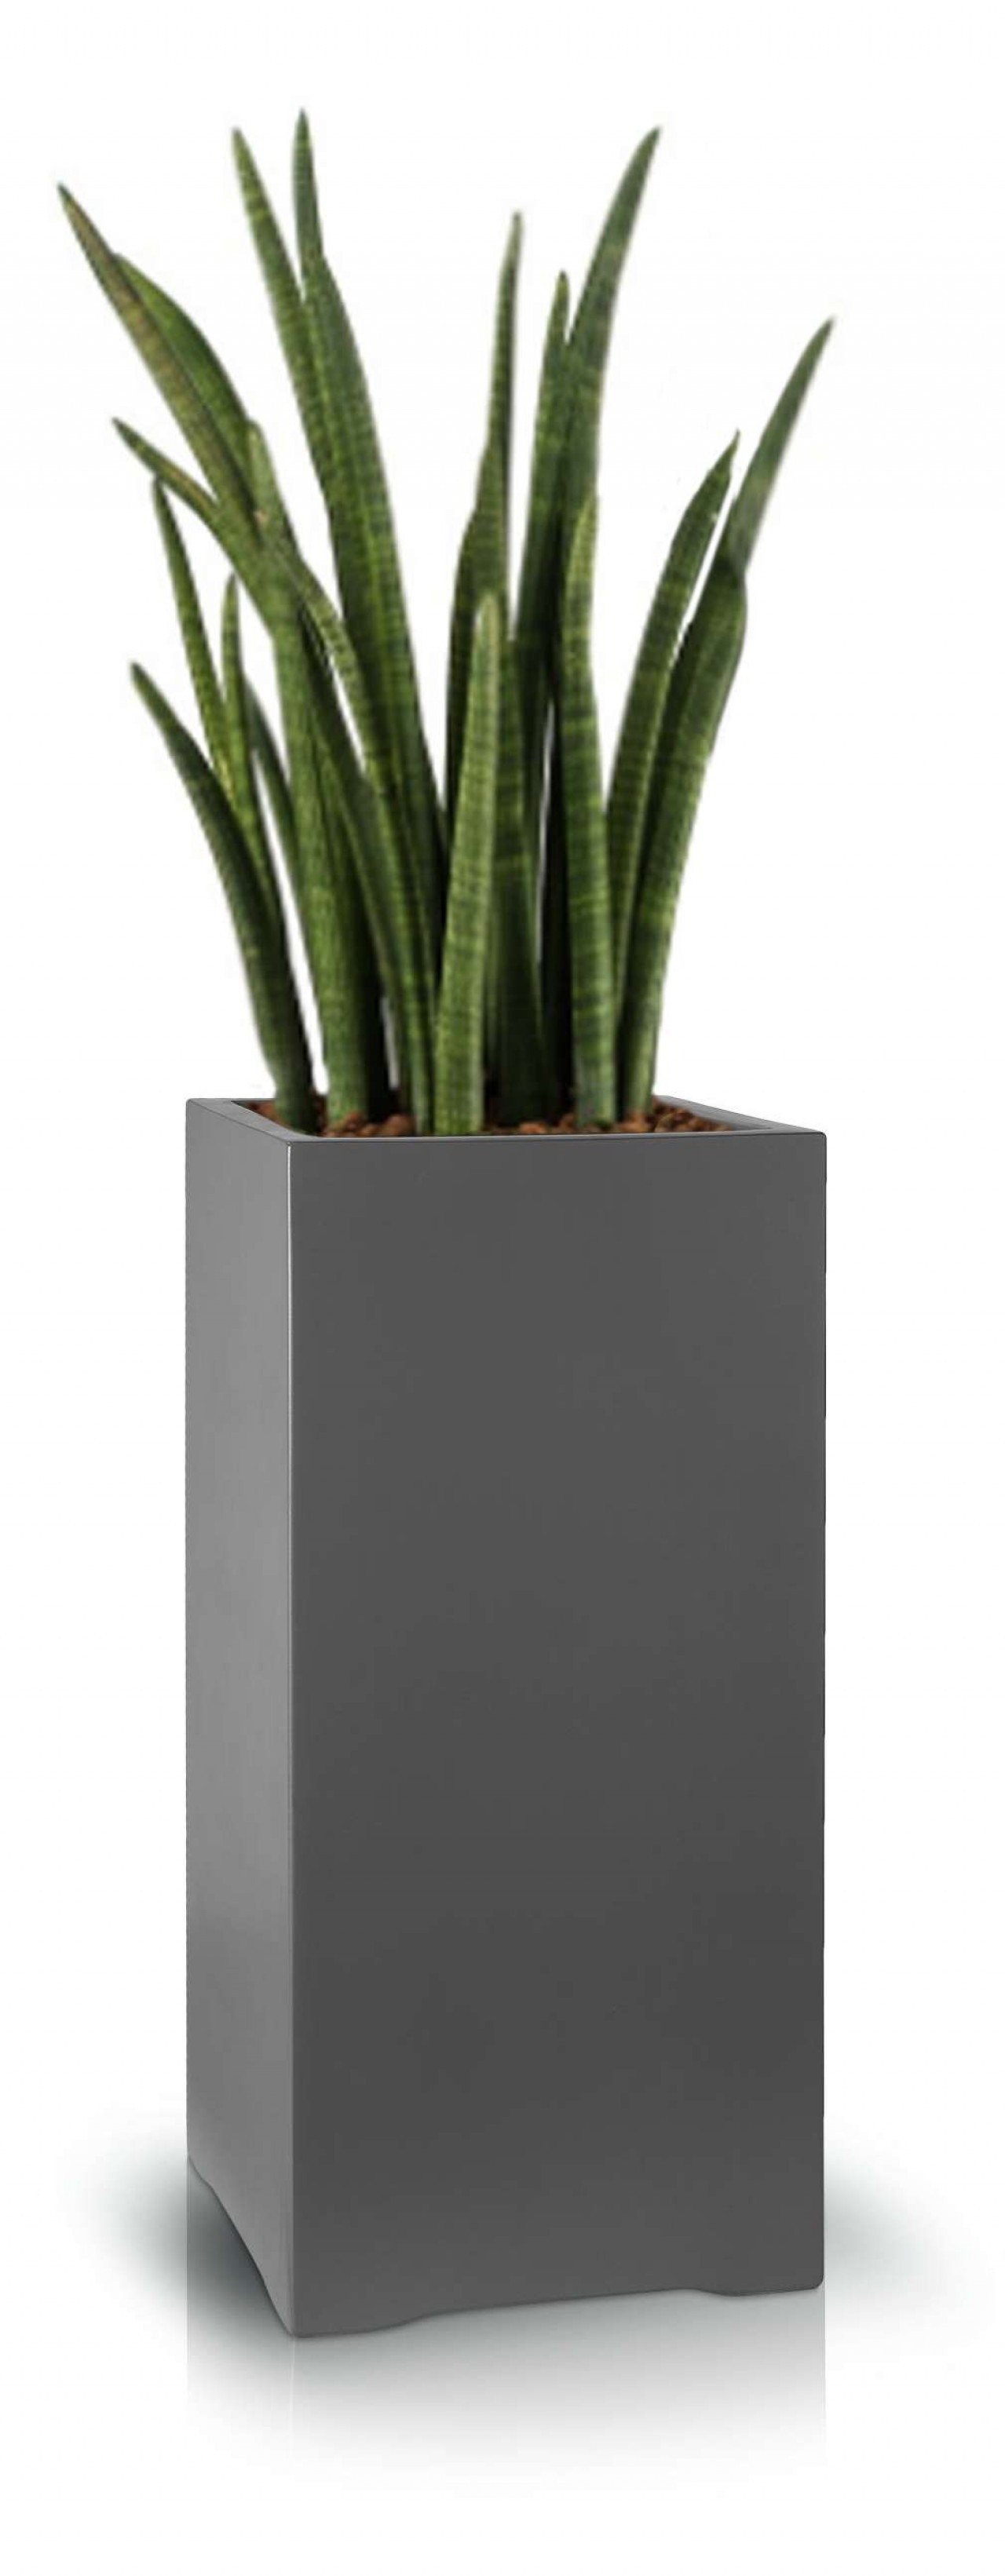 Donica Fiberglass 500 x 230 mm 95.018.50 Wyprzedaż